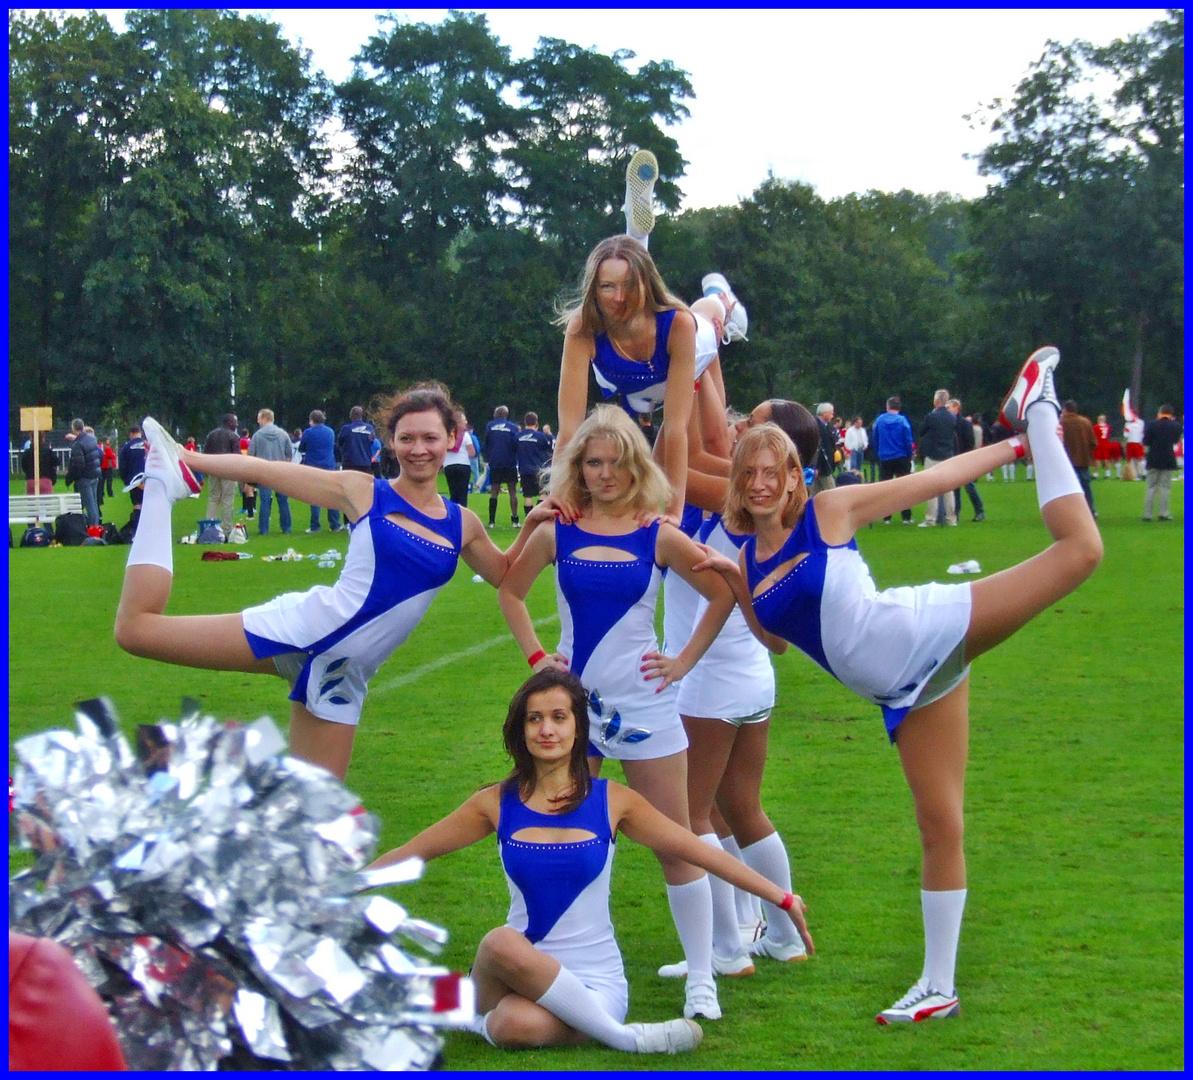 Cheerleader from RU-3